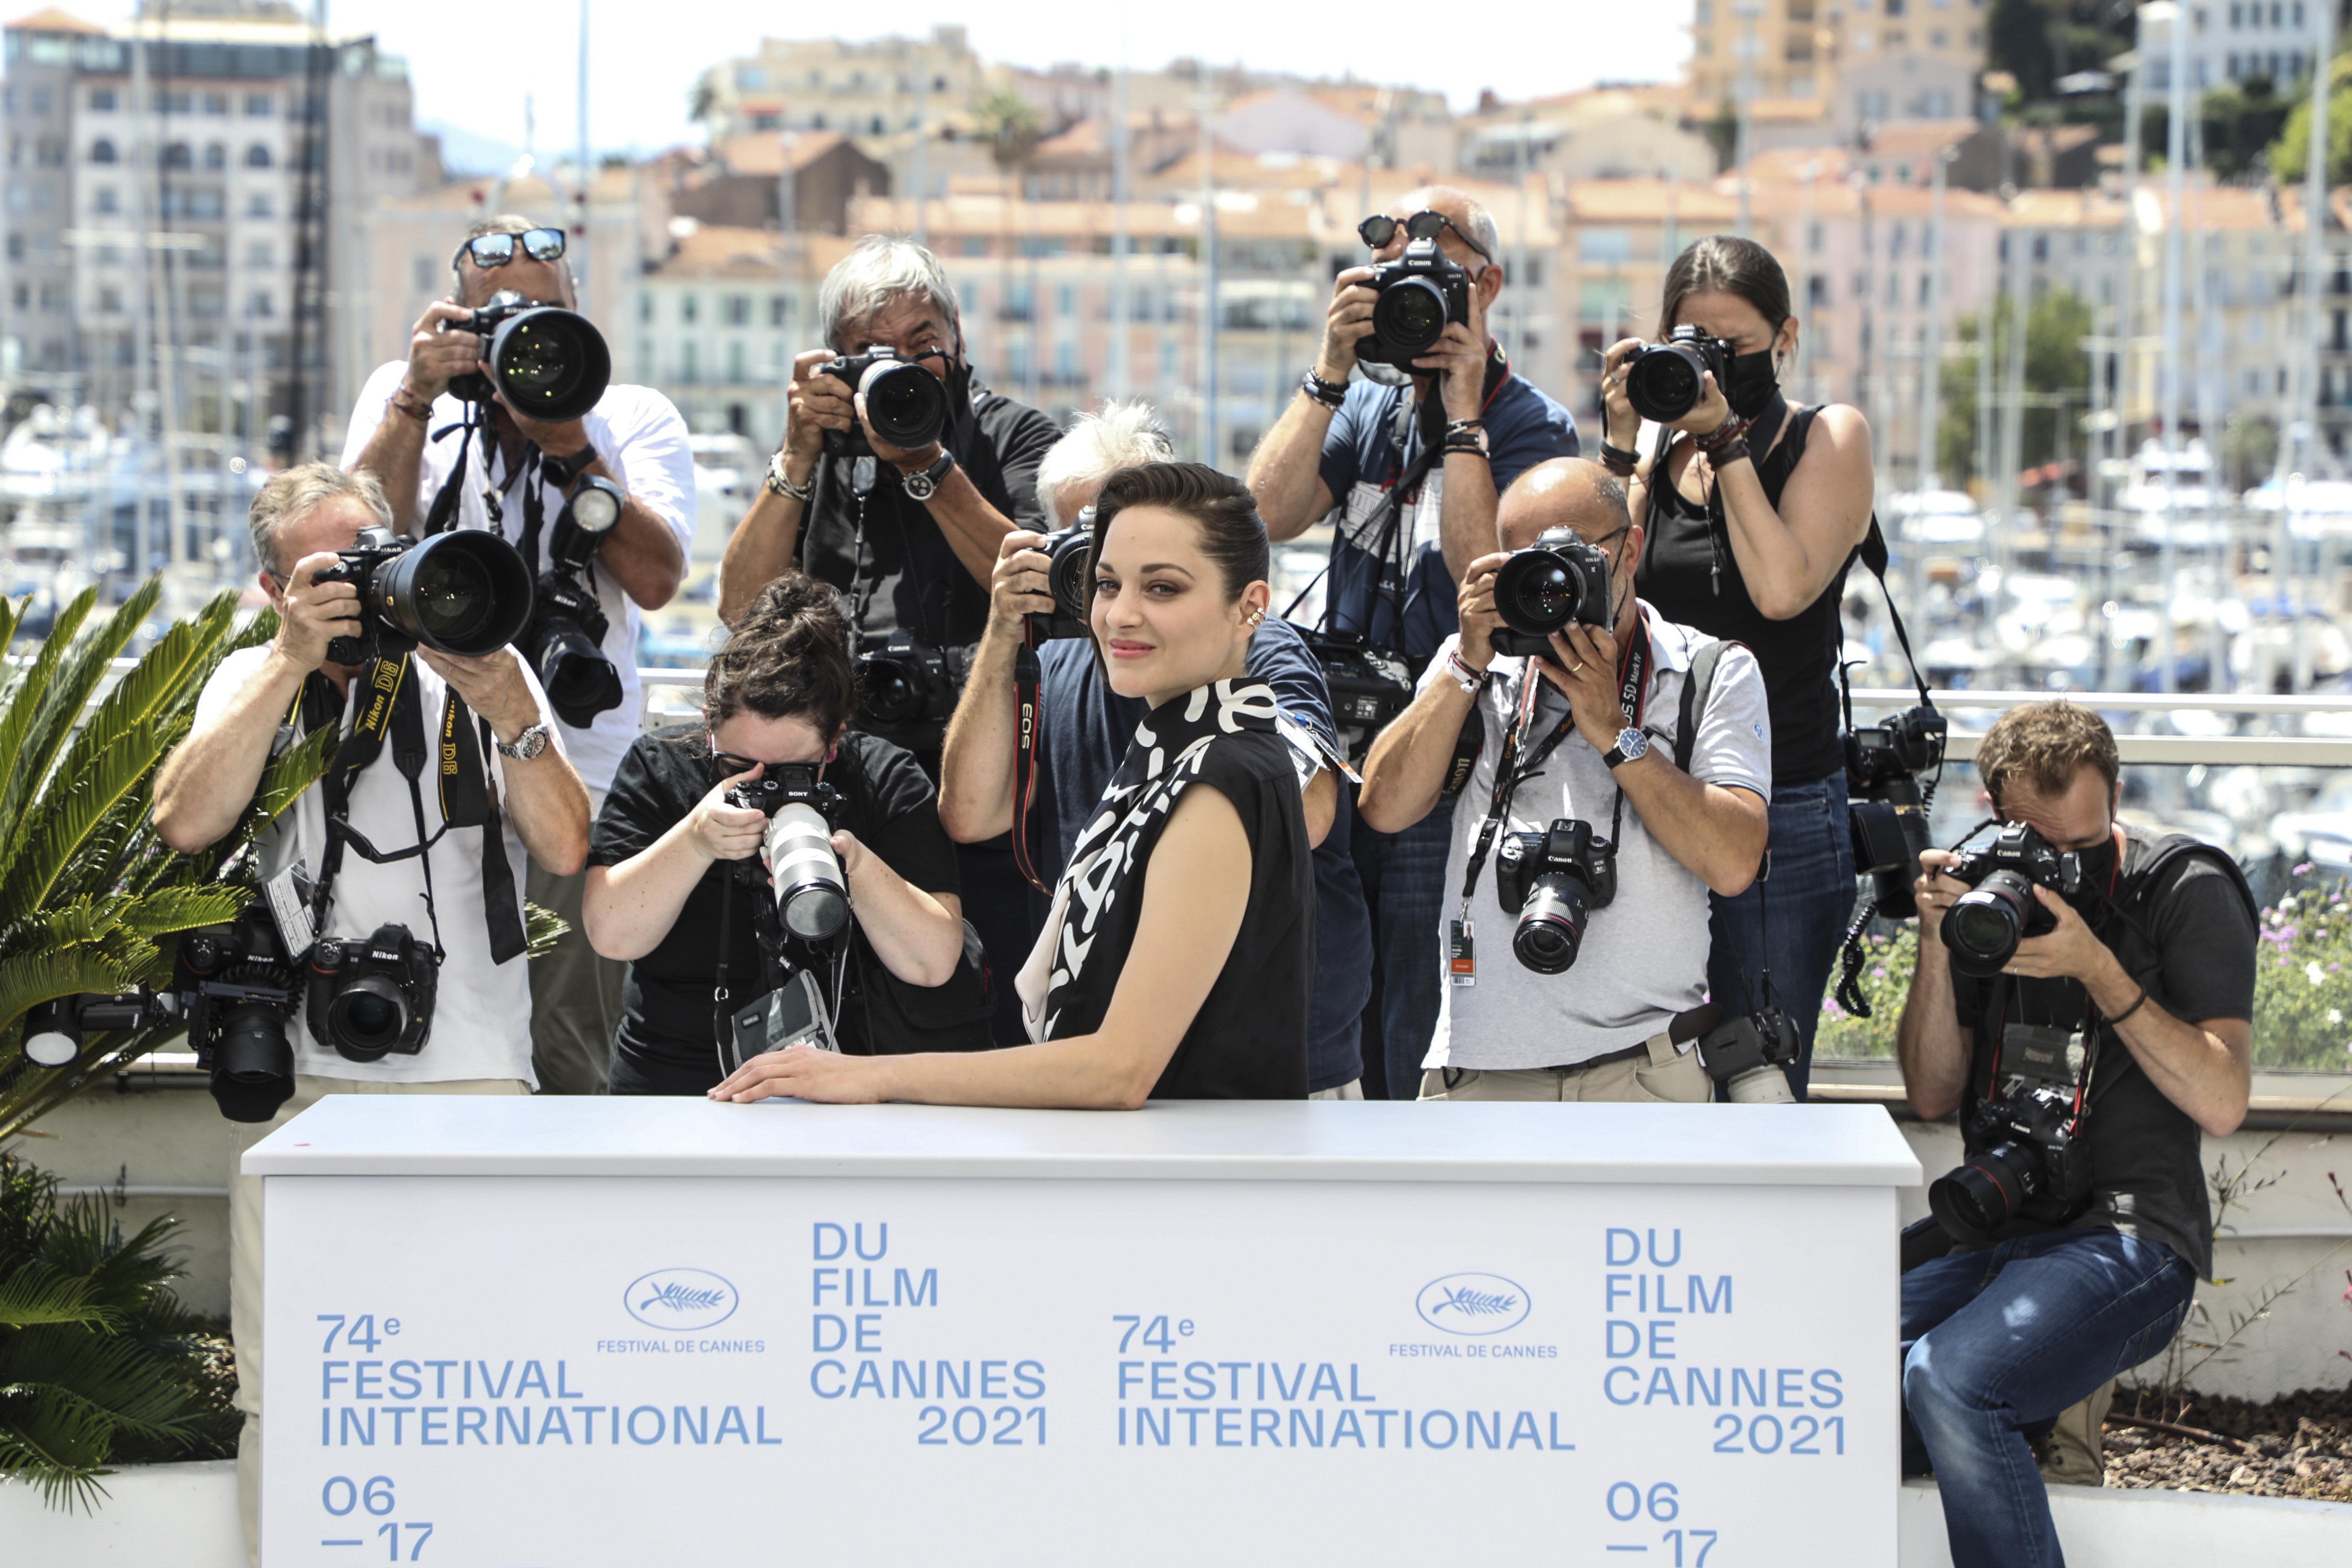 Marion Cotillard és Adam Driver zenés filmje a legnépszerűbb Cannes-ban